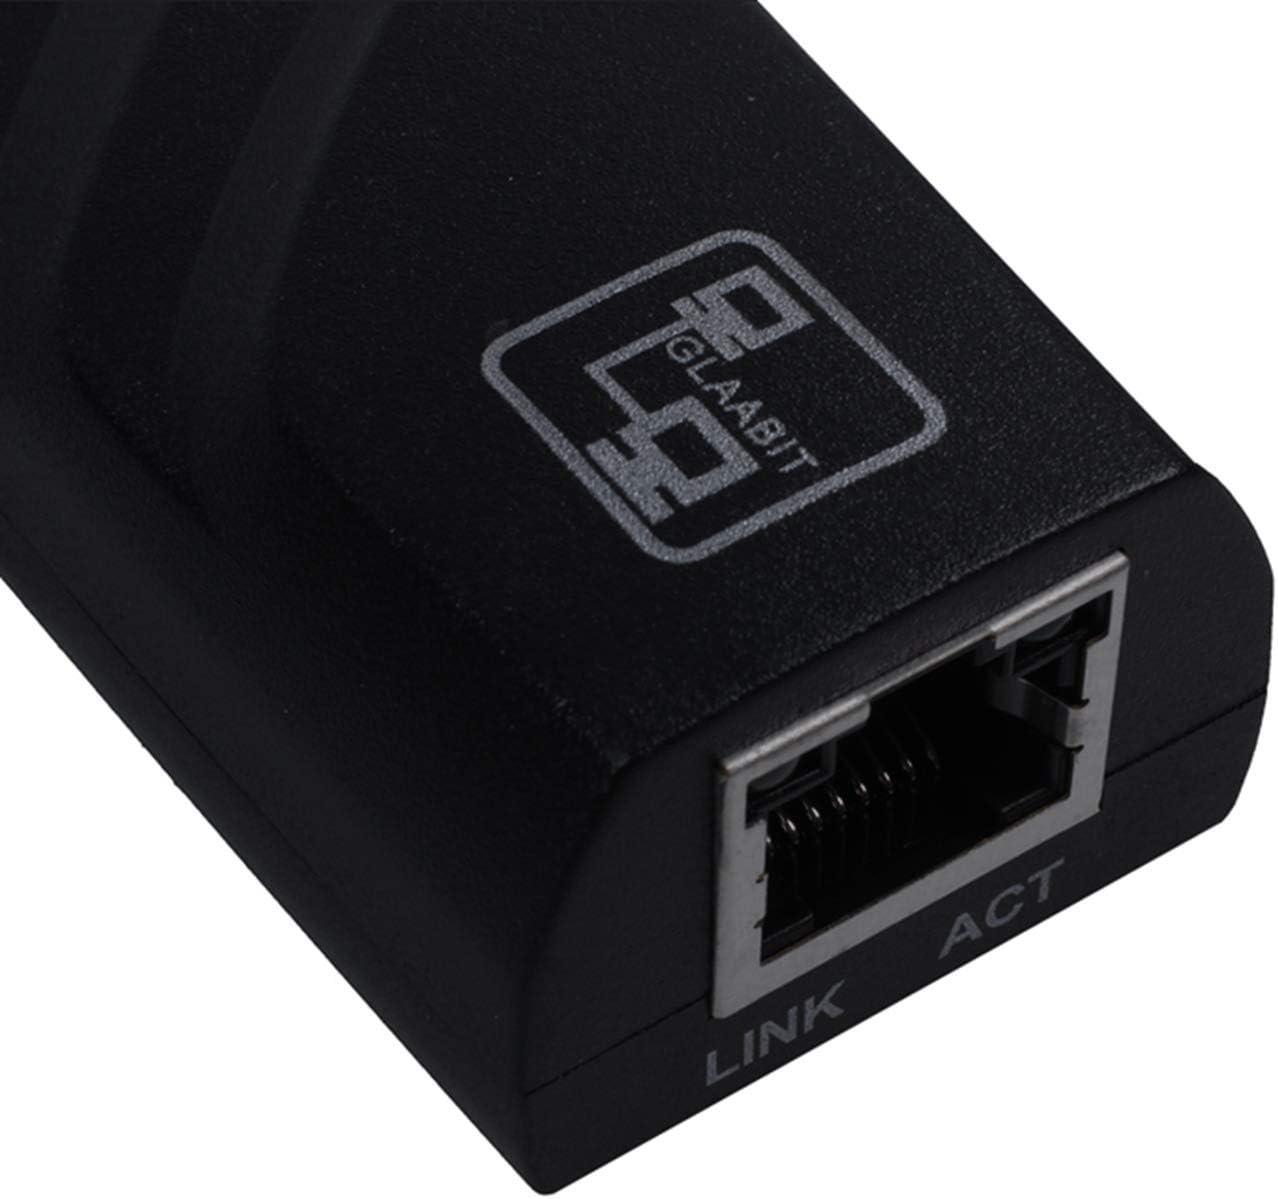 Shumo Gigabit RJ45 USB 3.0 a 10//100//1000 Mbps Adaptateur reseau Ethernet LAN pour PC